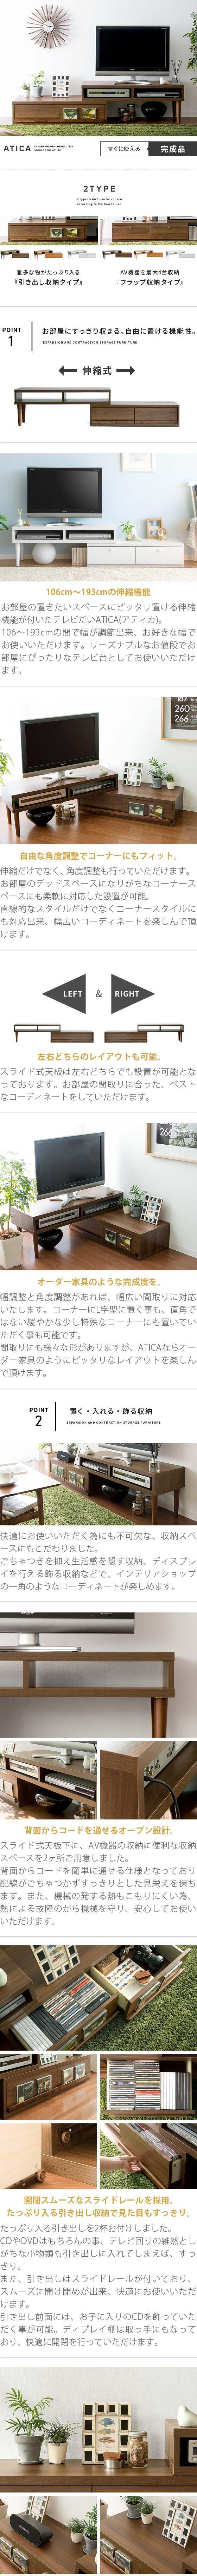 エア・リゾーム インテリア / テレビ台 伸縮 コーナー テレビラック ATICA 〔アティカ〕 ブラウン ライトブラウン ホワイト